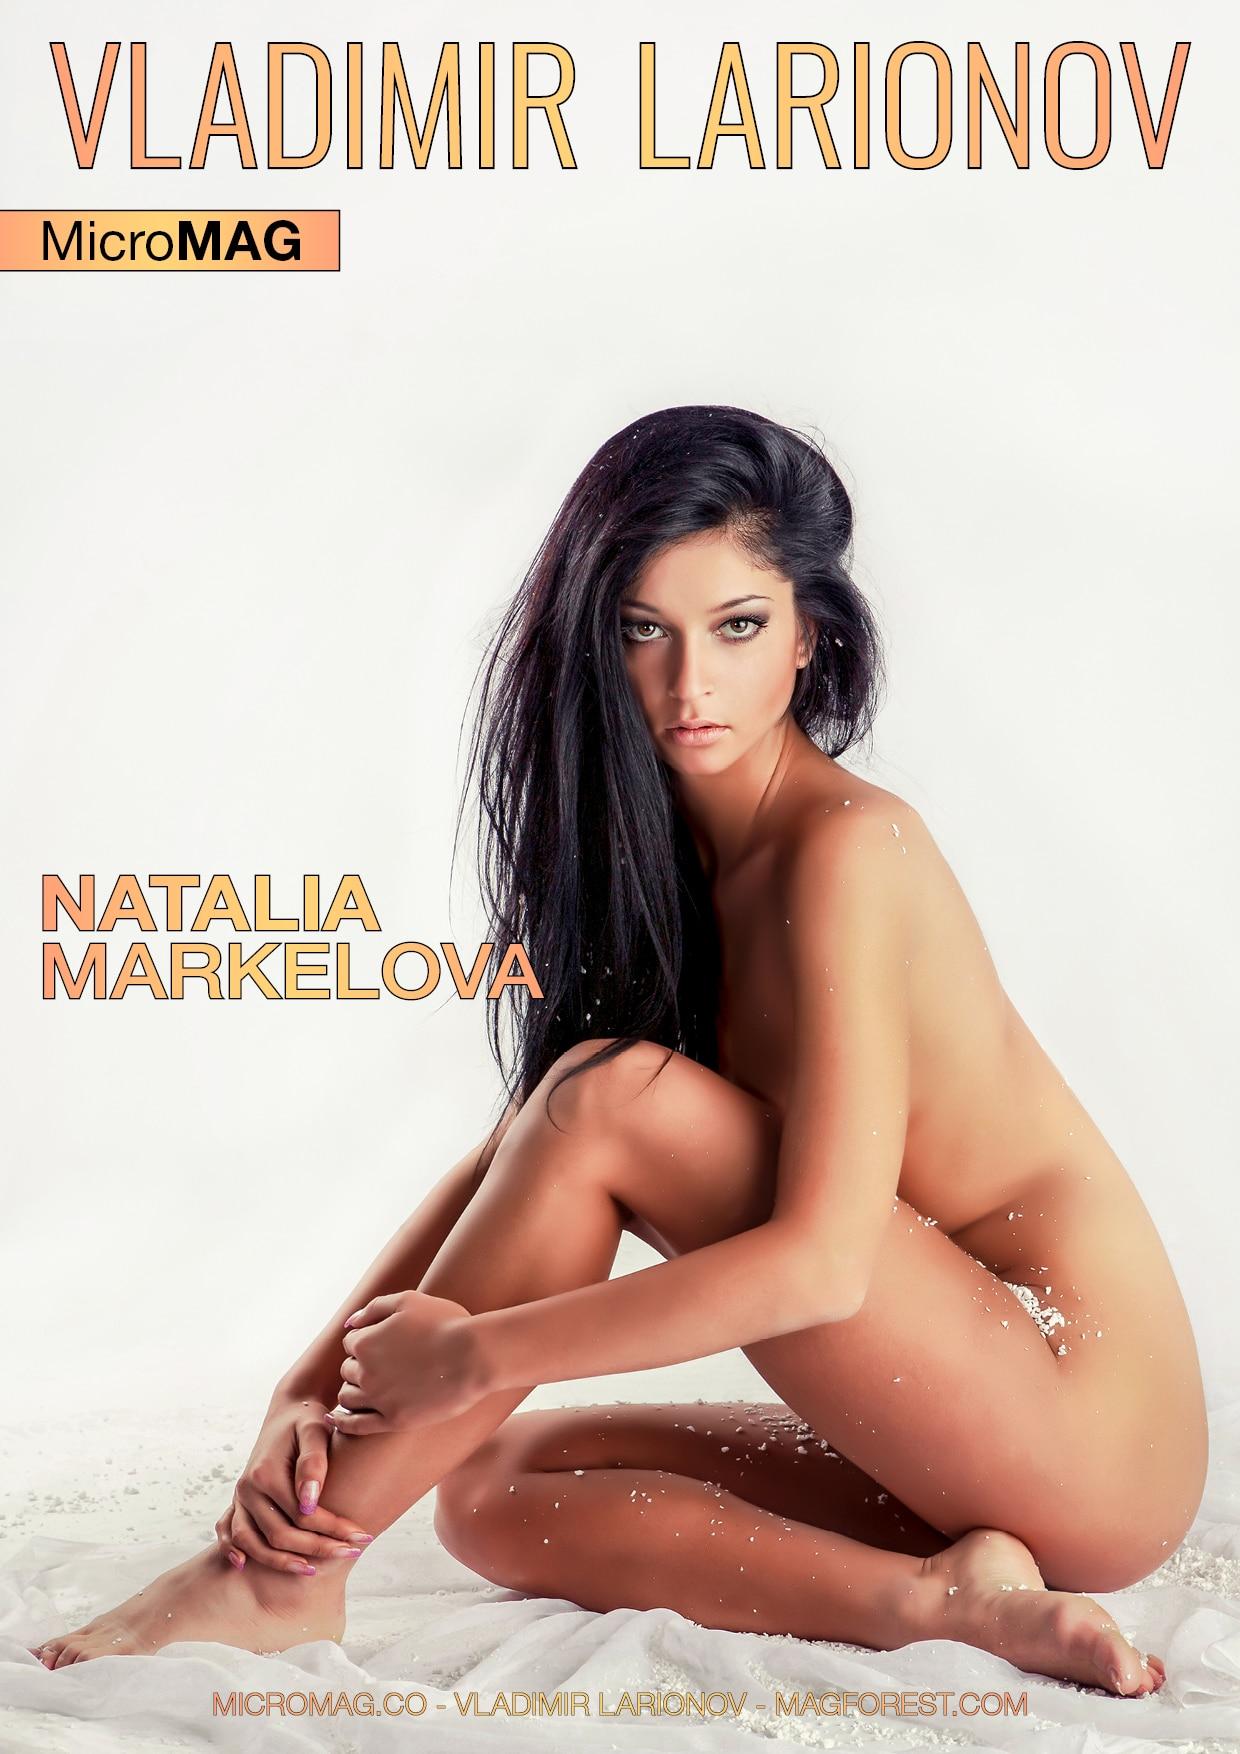 Vladimir Larionov MicroMAG - Natalia Markelova - Issue 6 1